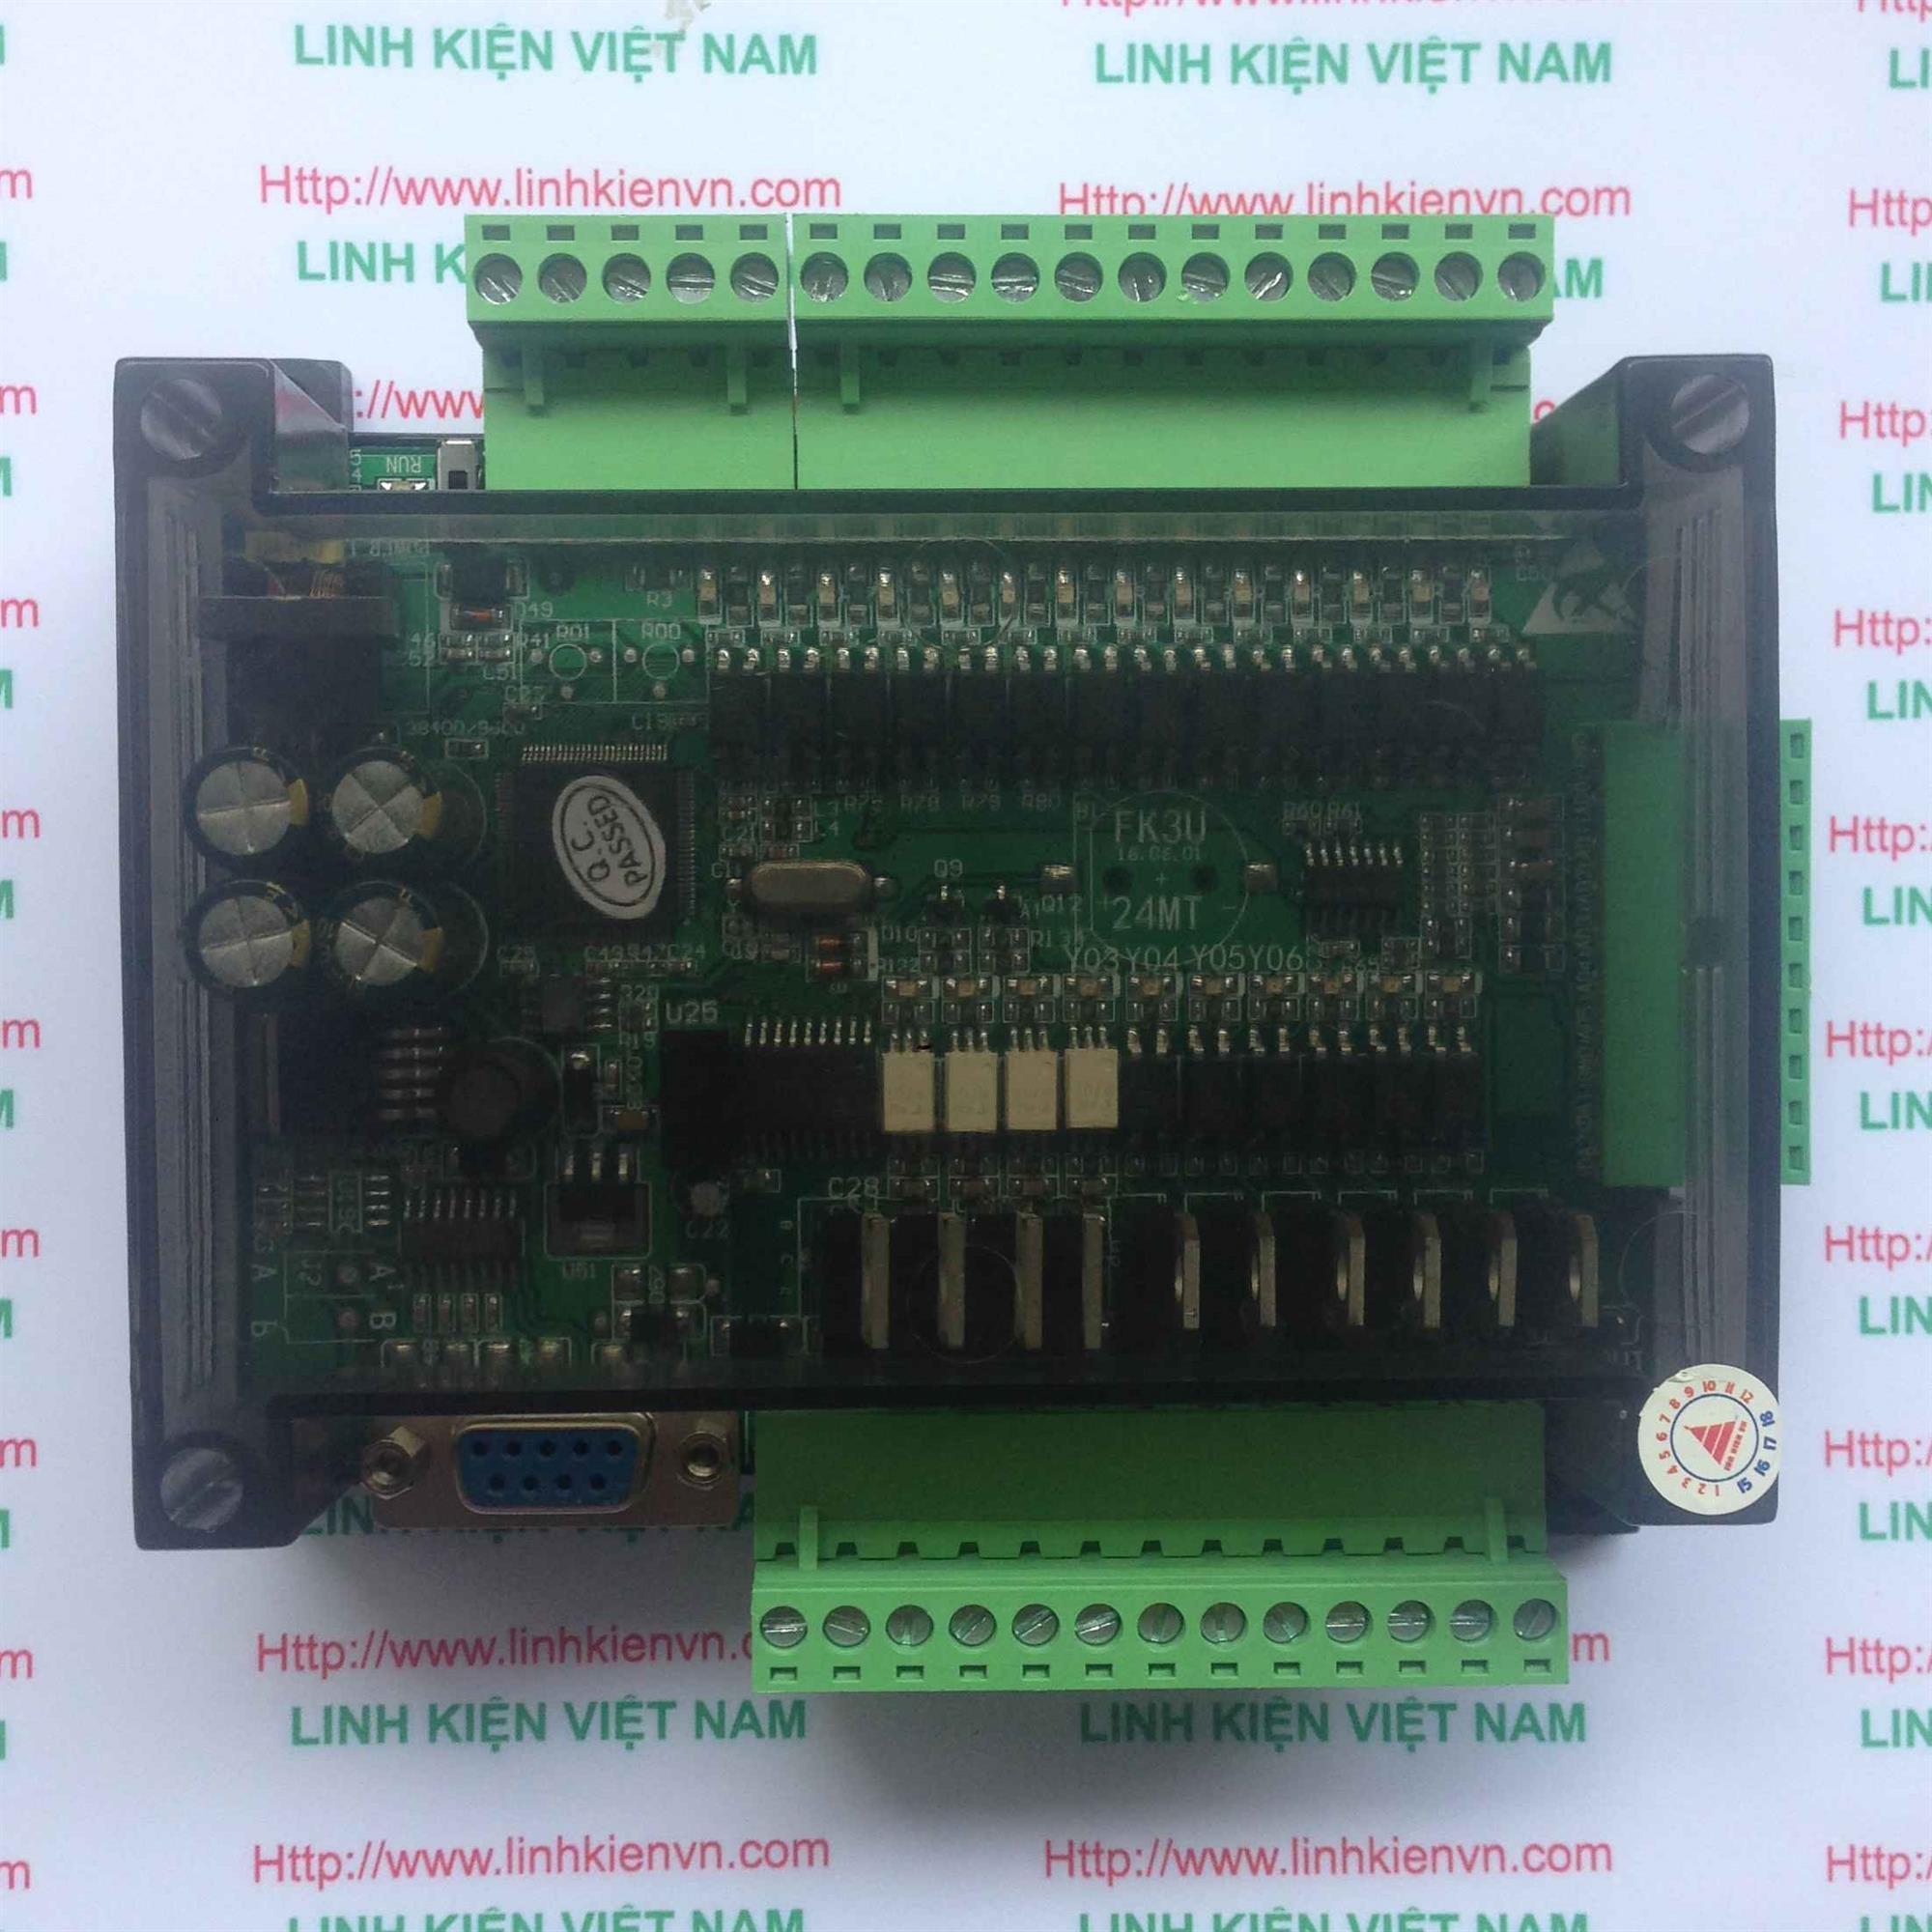 PLC board FX3U-24MT CÓ VỎ TÍCH HỢP 6AD-2DA - KHO B